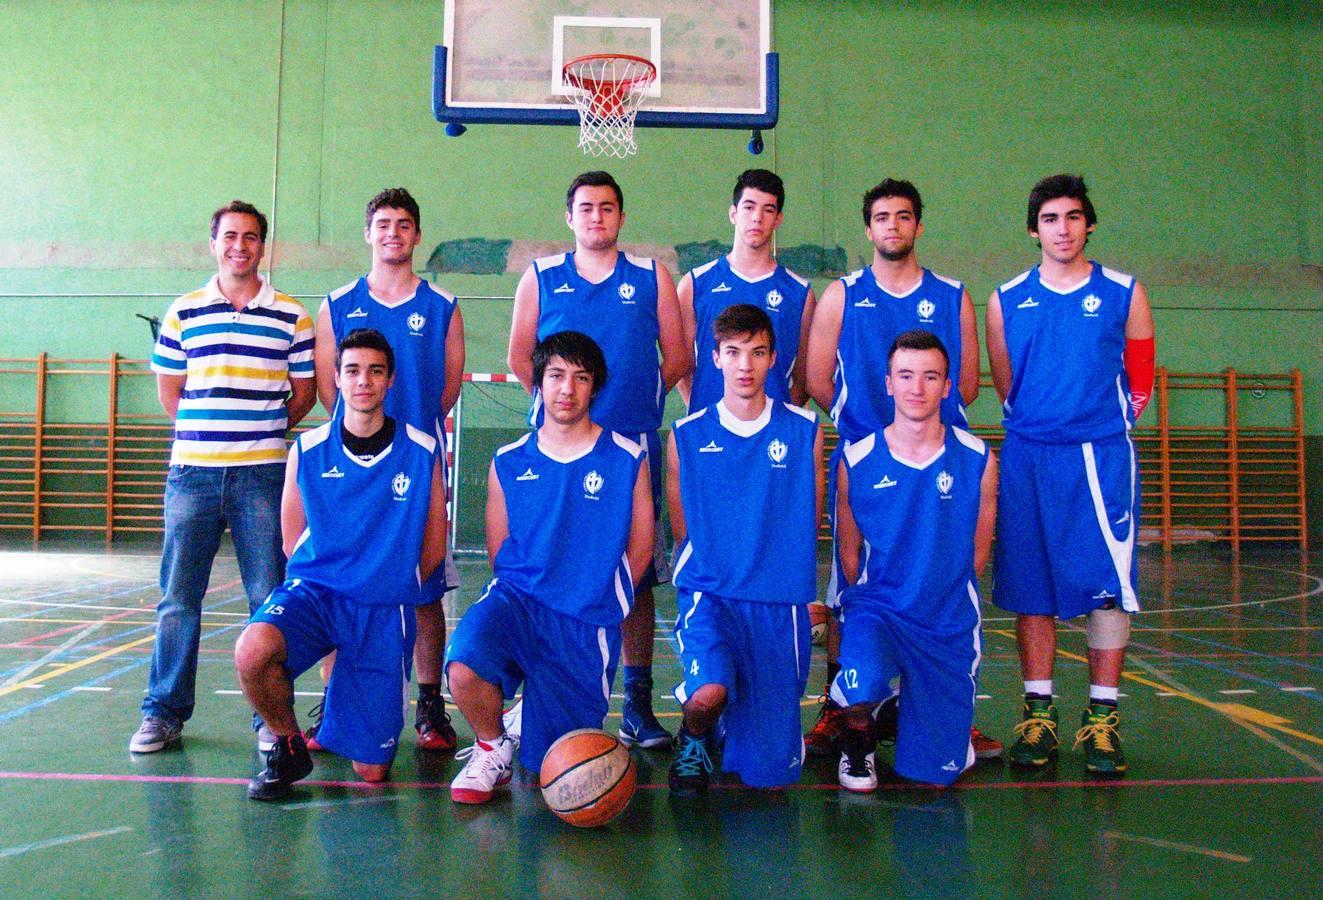 Nuestra Señora de la Providencia. Arriba: José L. (E ), Mario (14), Jaime (10), Manuel (9), Roberto (13), Javier (11). Abajo: Álvaro (15), Alberto (7), Alfredo (4), Víctor (12)